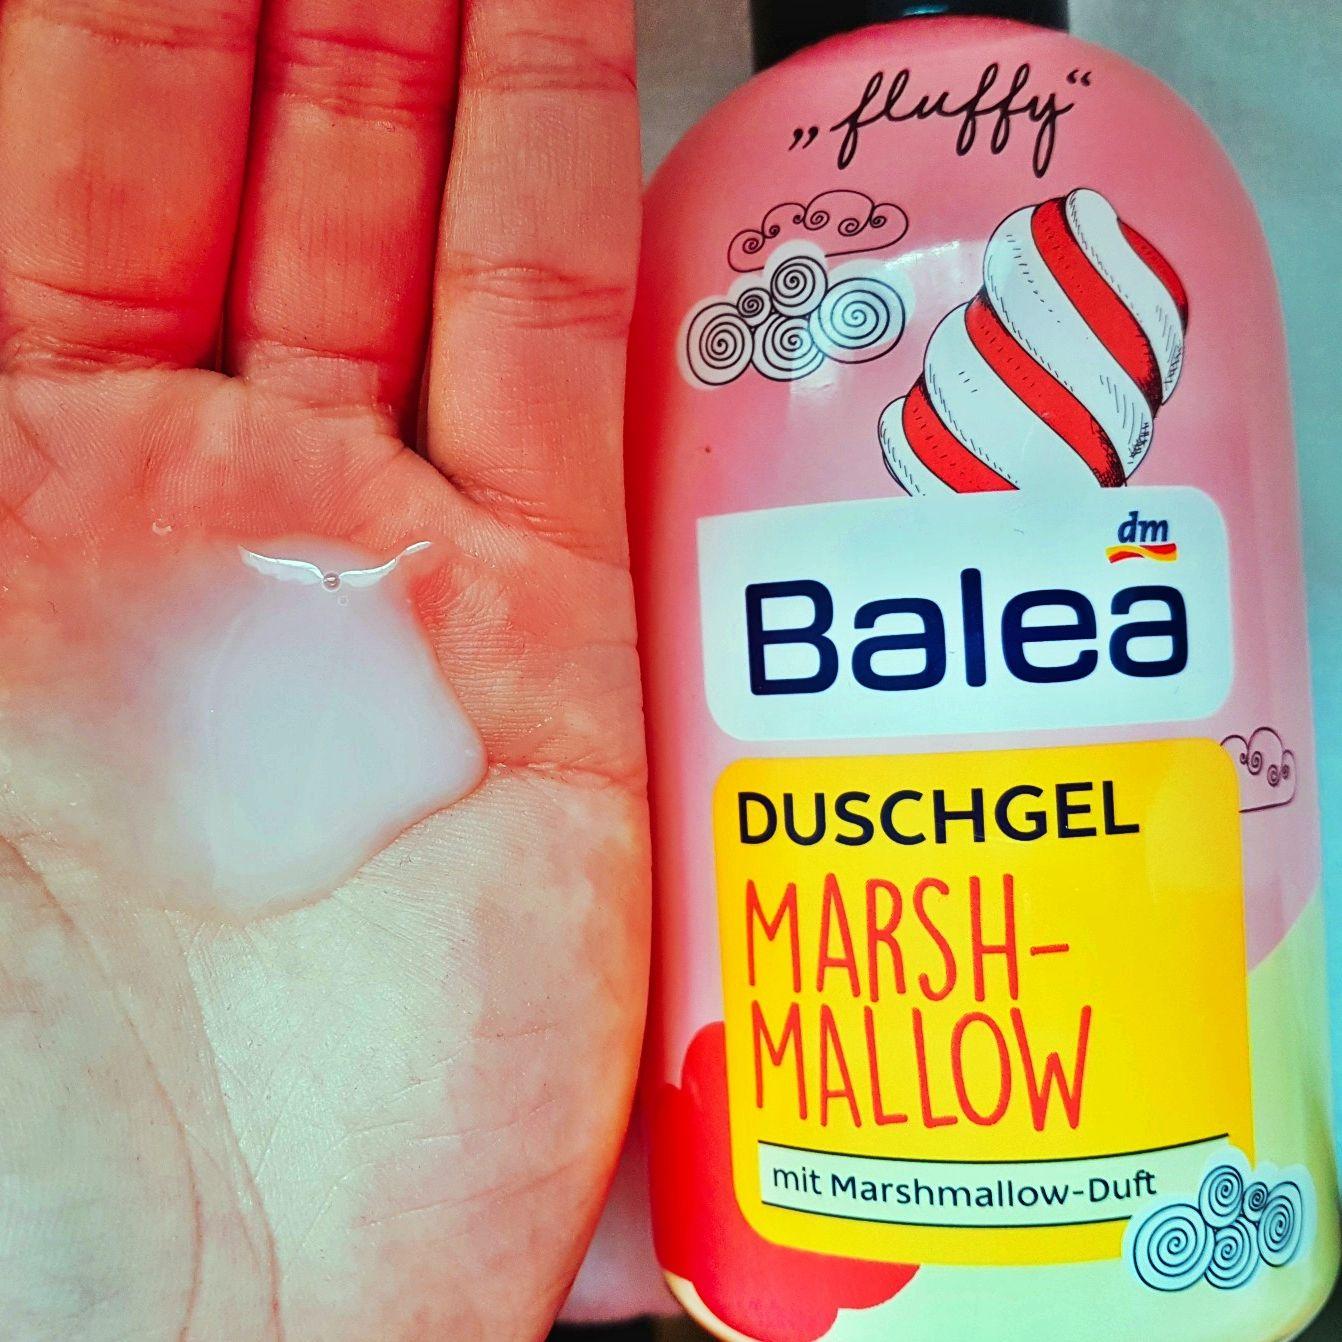 Balea Duschgel Marshmallow